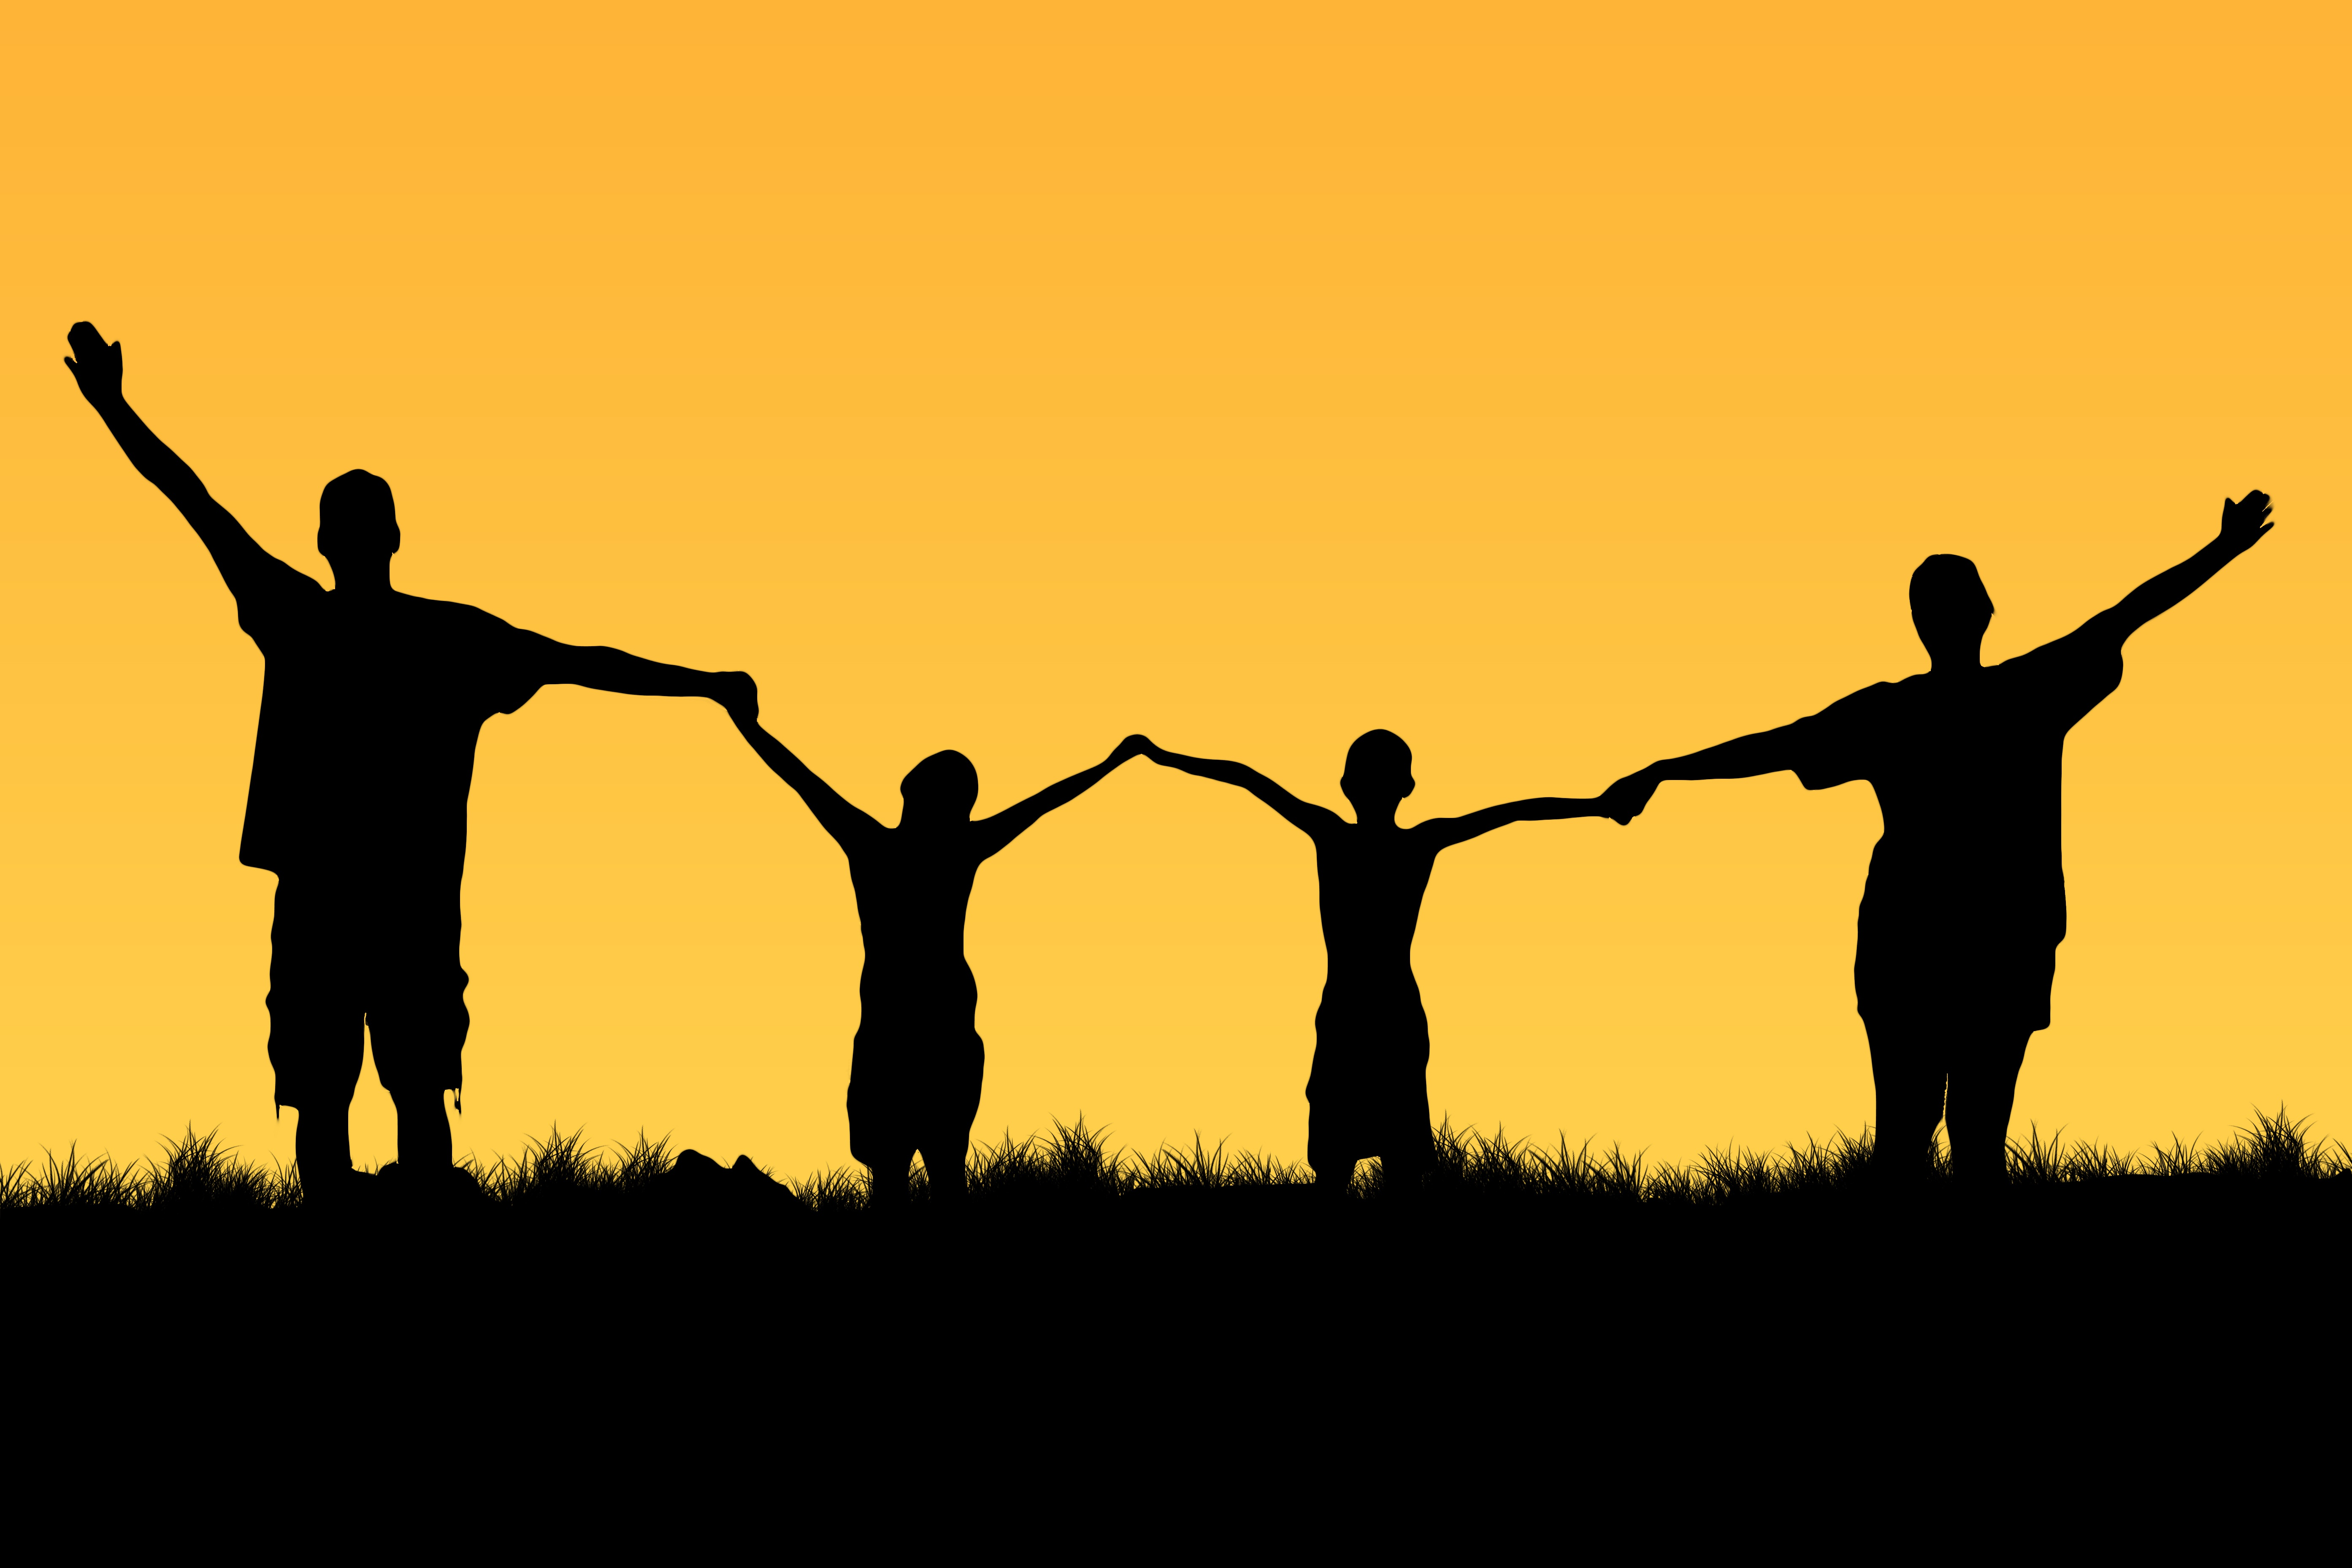 Agevolazioni economiche per famiglie e singoli cittadini: la guida per il mese di marzo